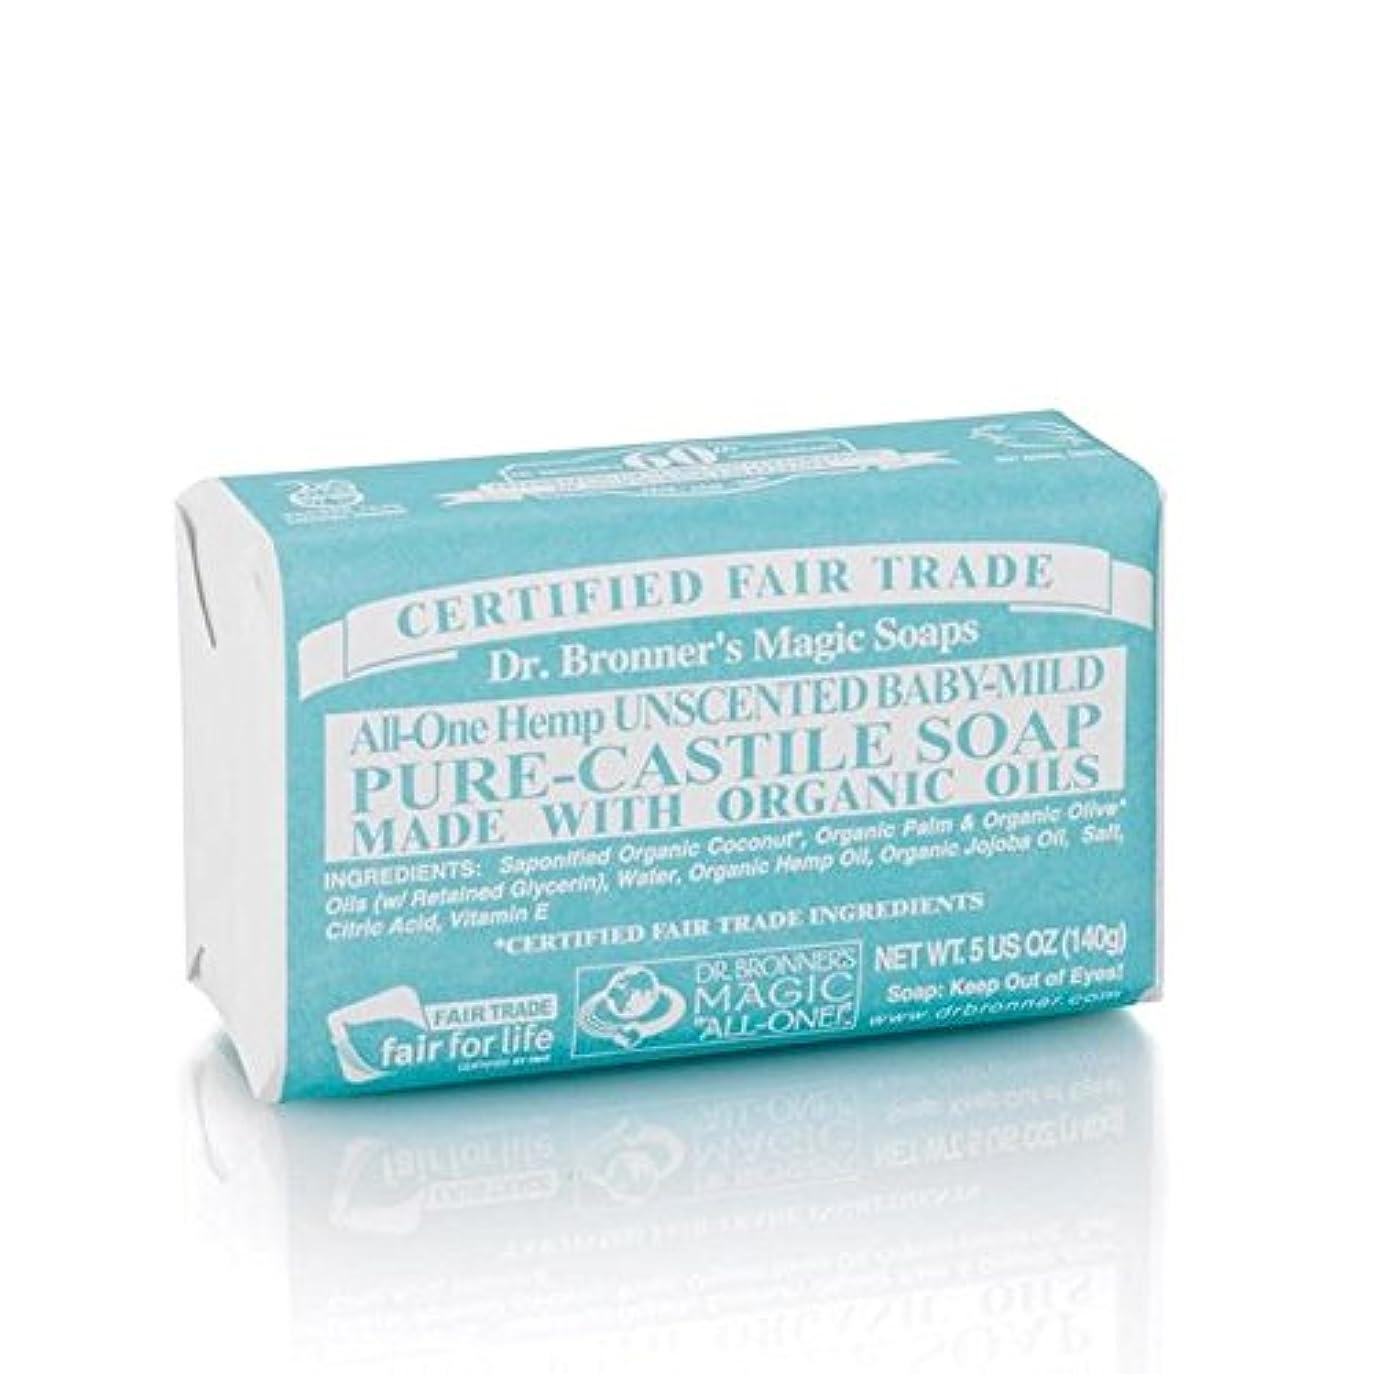 バイオレット効能あるハンドブックのブロナーオーガニックベビーマイルドソープバー140グラム x4 - Dr Bronner Organic Baby Mild Soap Bar 140g (Pack of 4) [並行輸入品]